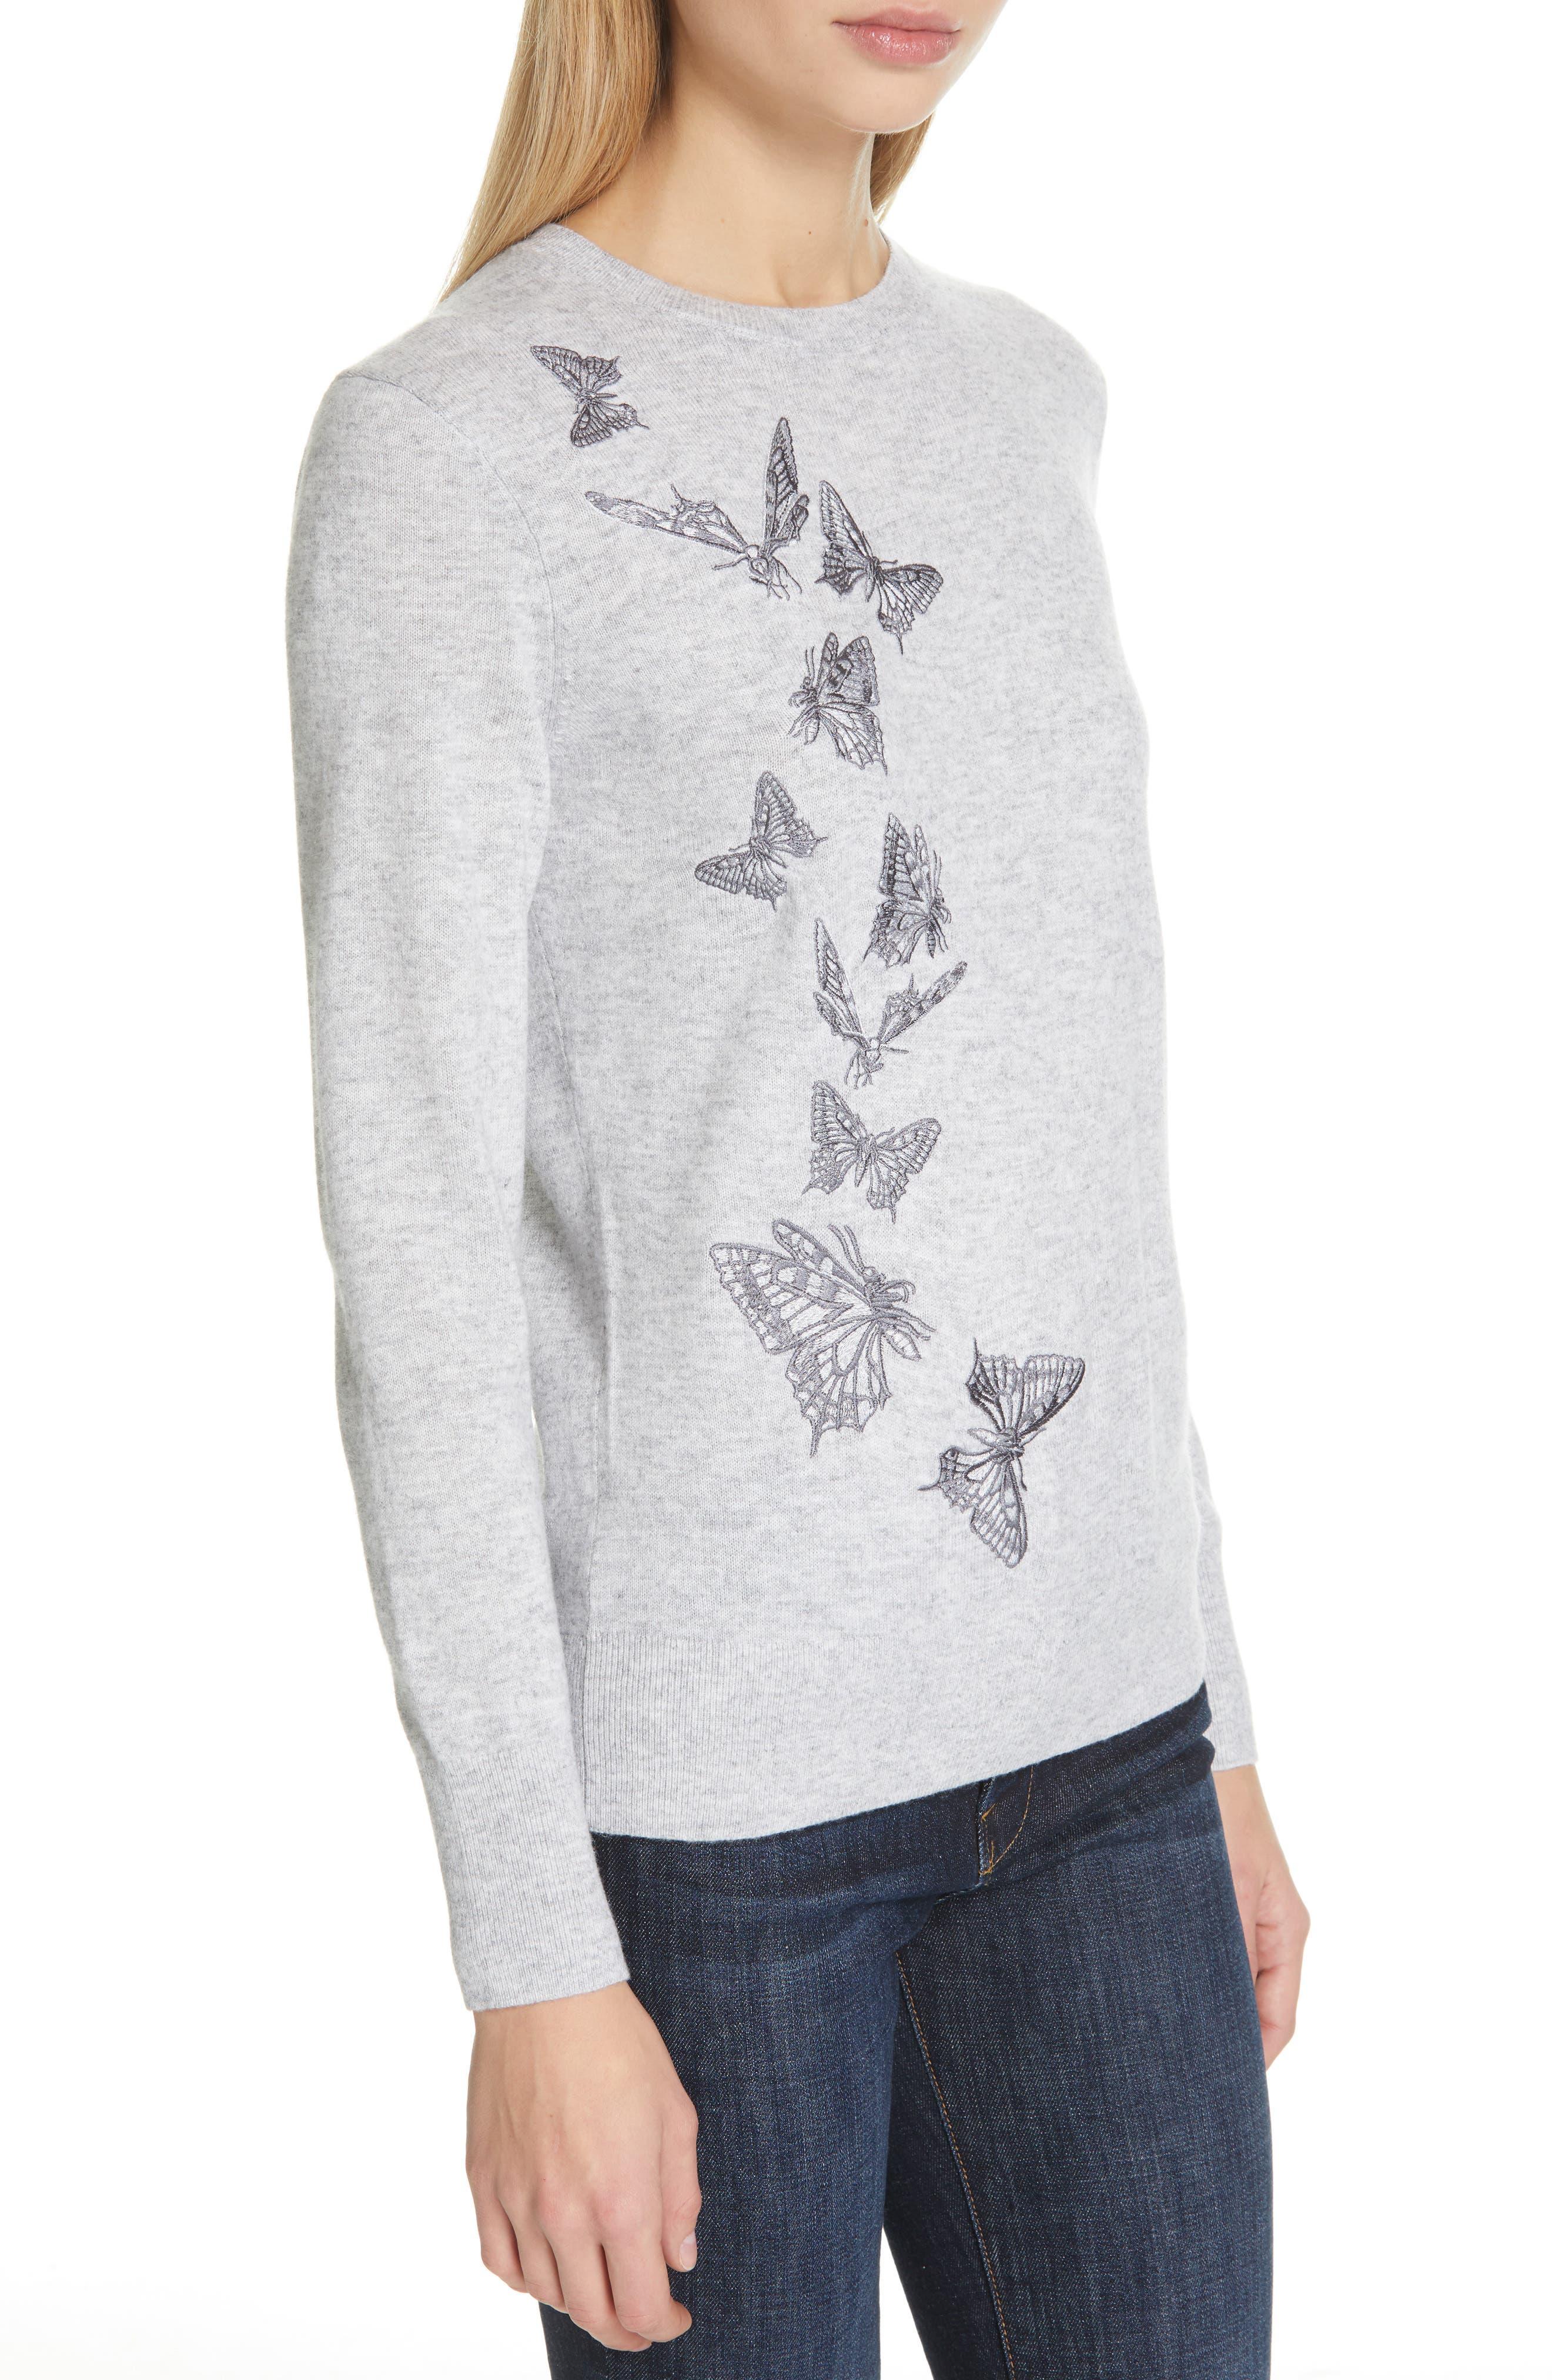 TED BAKER LONDON,                             Redinn Butterfly Sweater,                             Alternate thumbnail 4, color,                             GREY